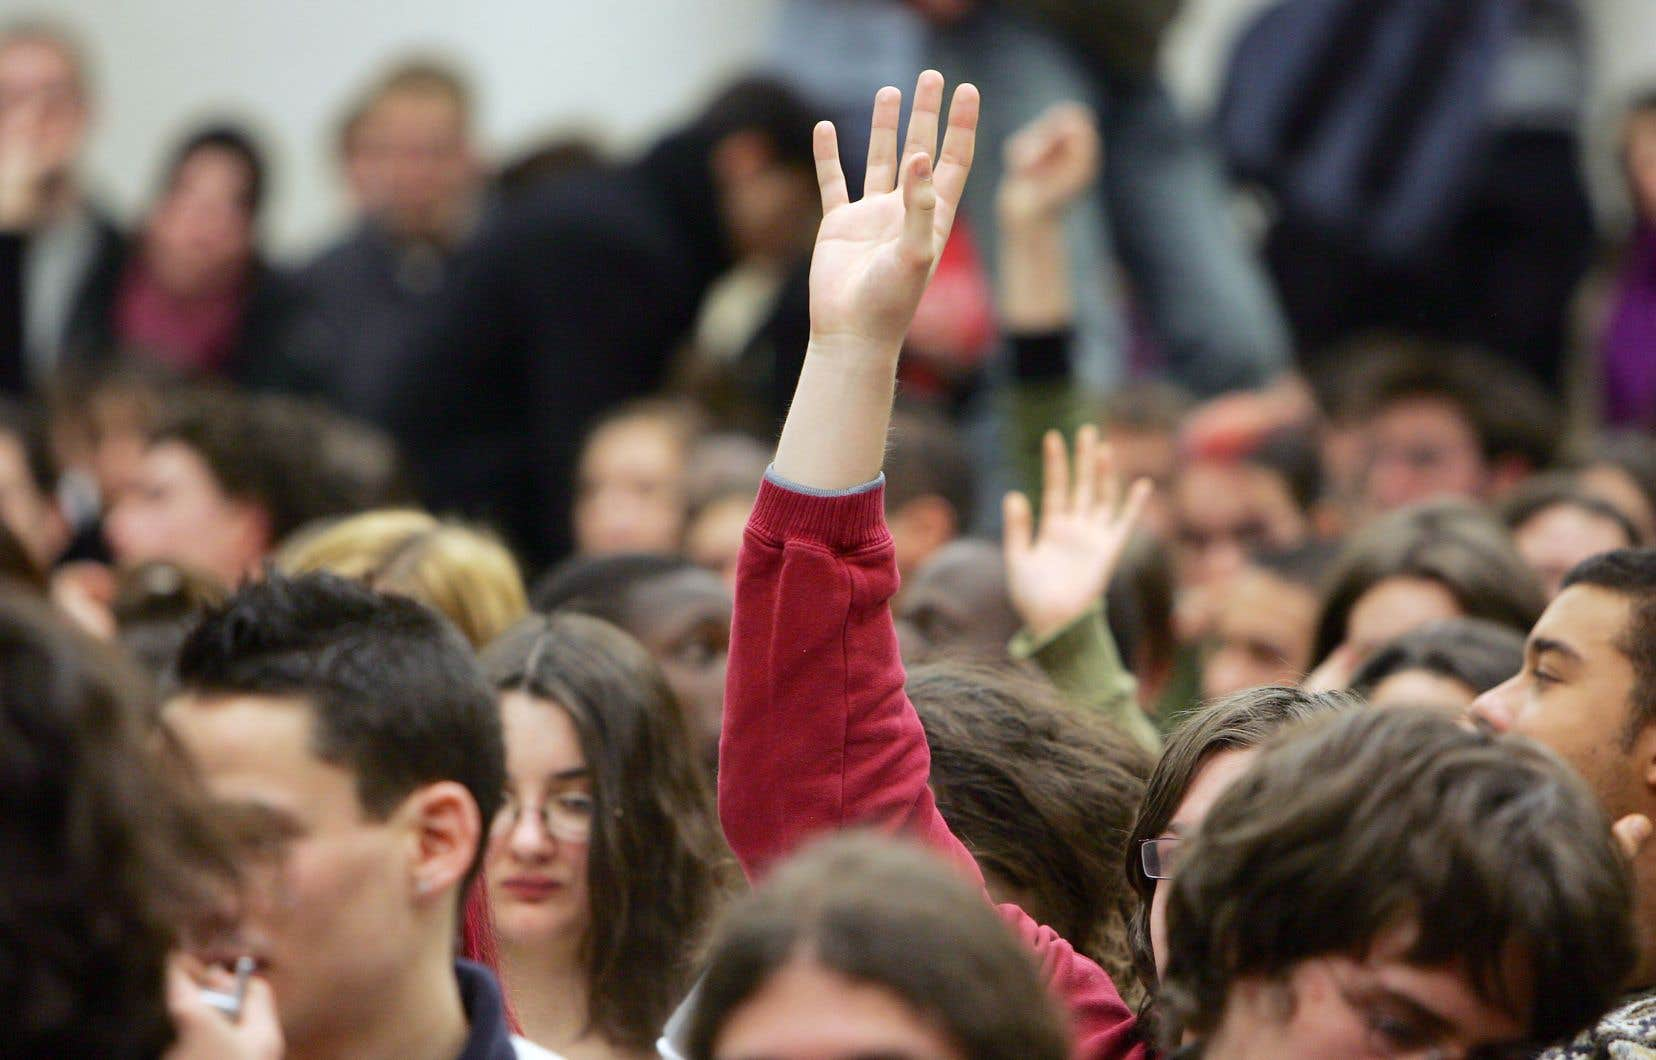 Les droits de scolarité des étudiants inscrits à temps complet au premier cycle augmenteront de 2%. La hausse atteindra 8% pour tous les autres étudiants.